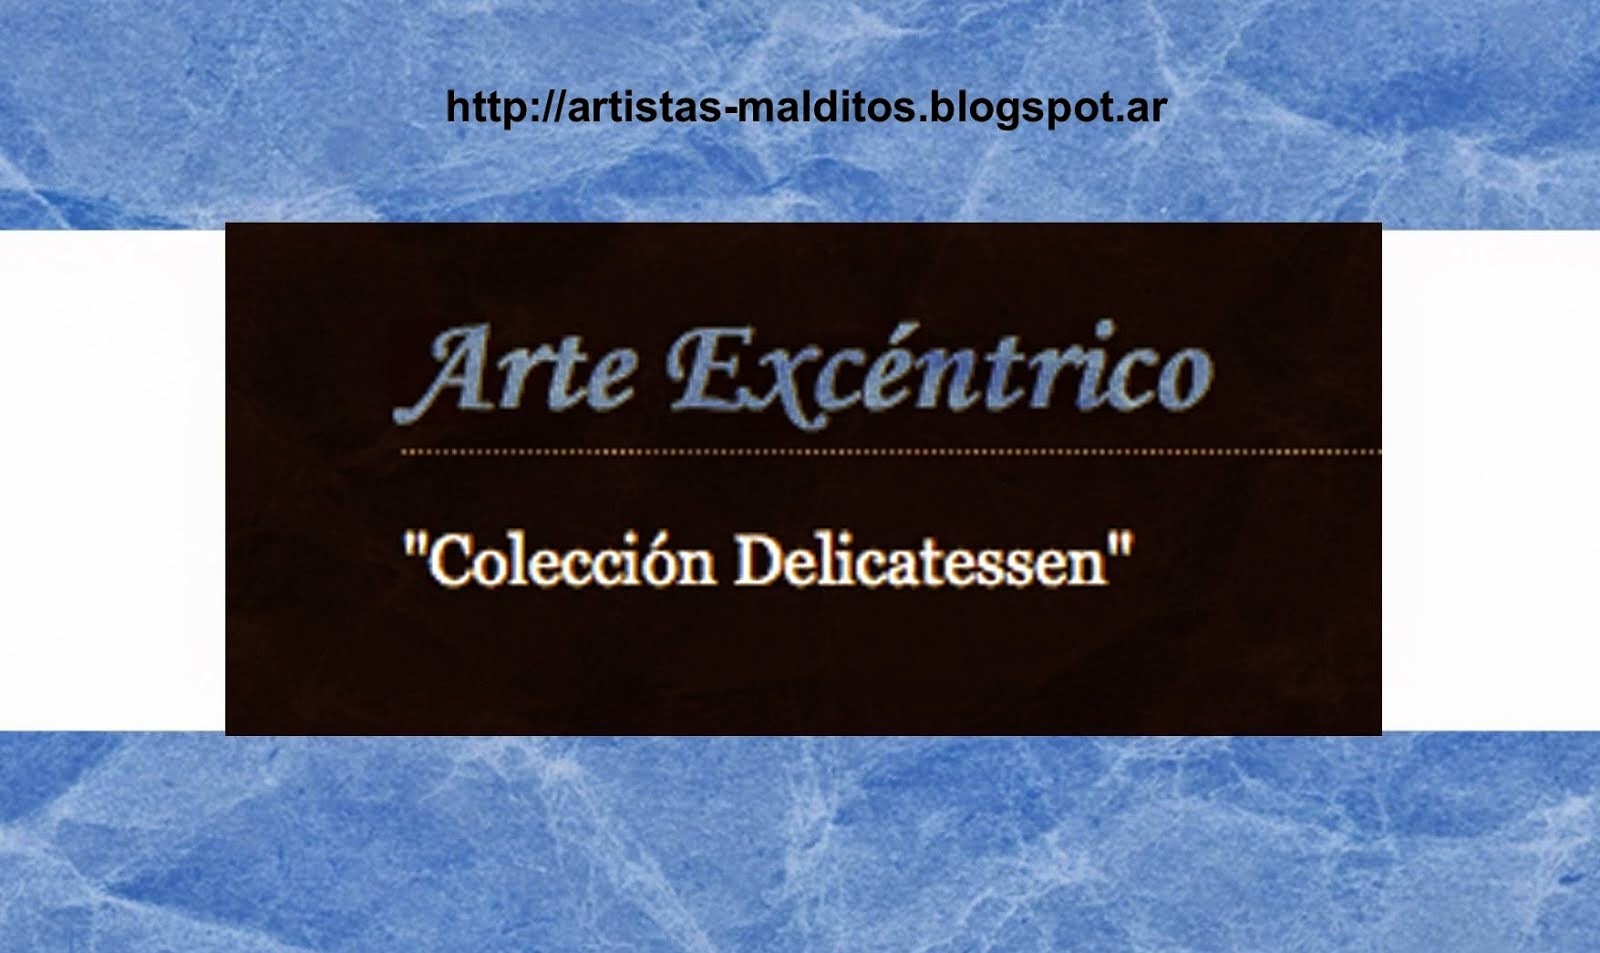 artistas-malditos.blogspot